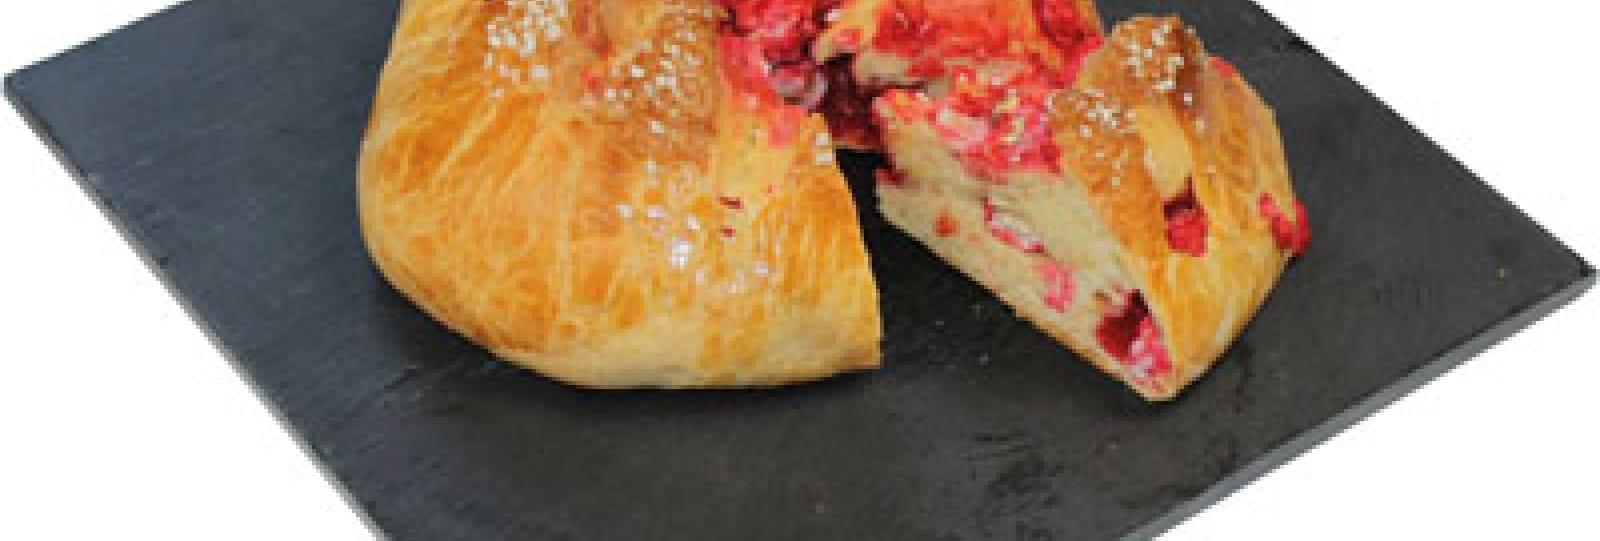 Croc Déli Drôme Biscuiterie